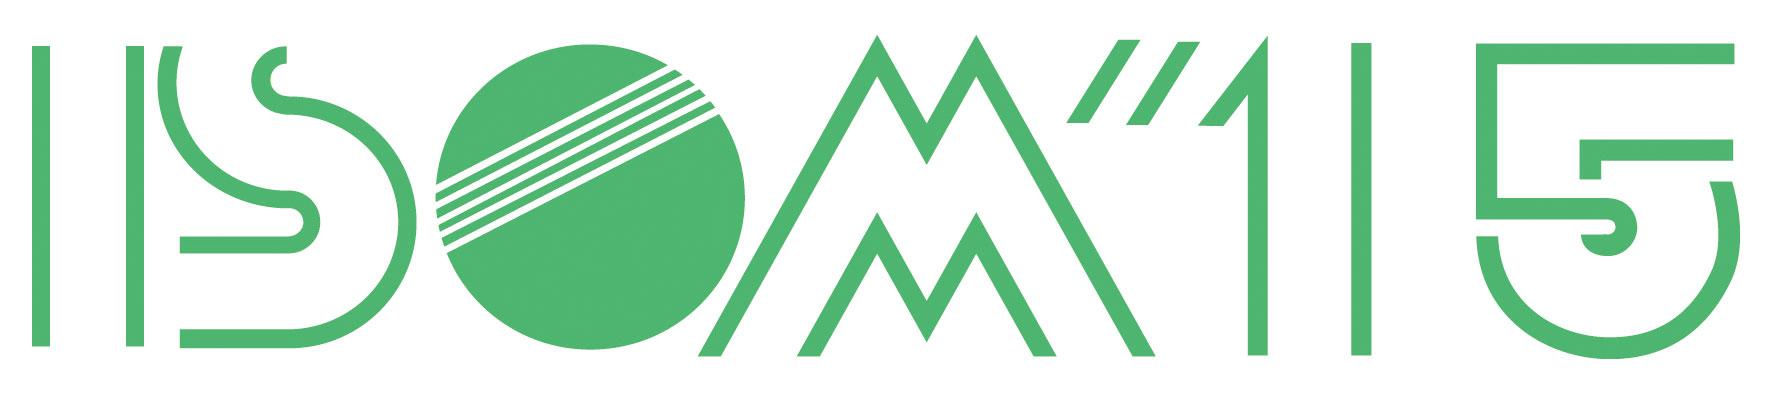 Isom15_logo.jpg